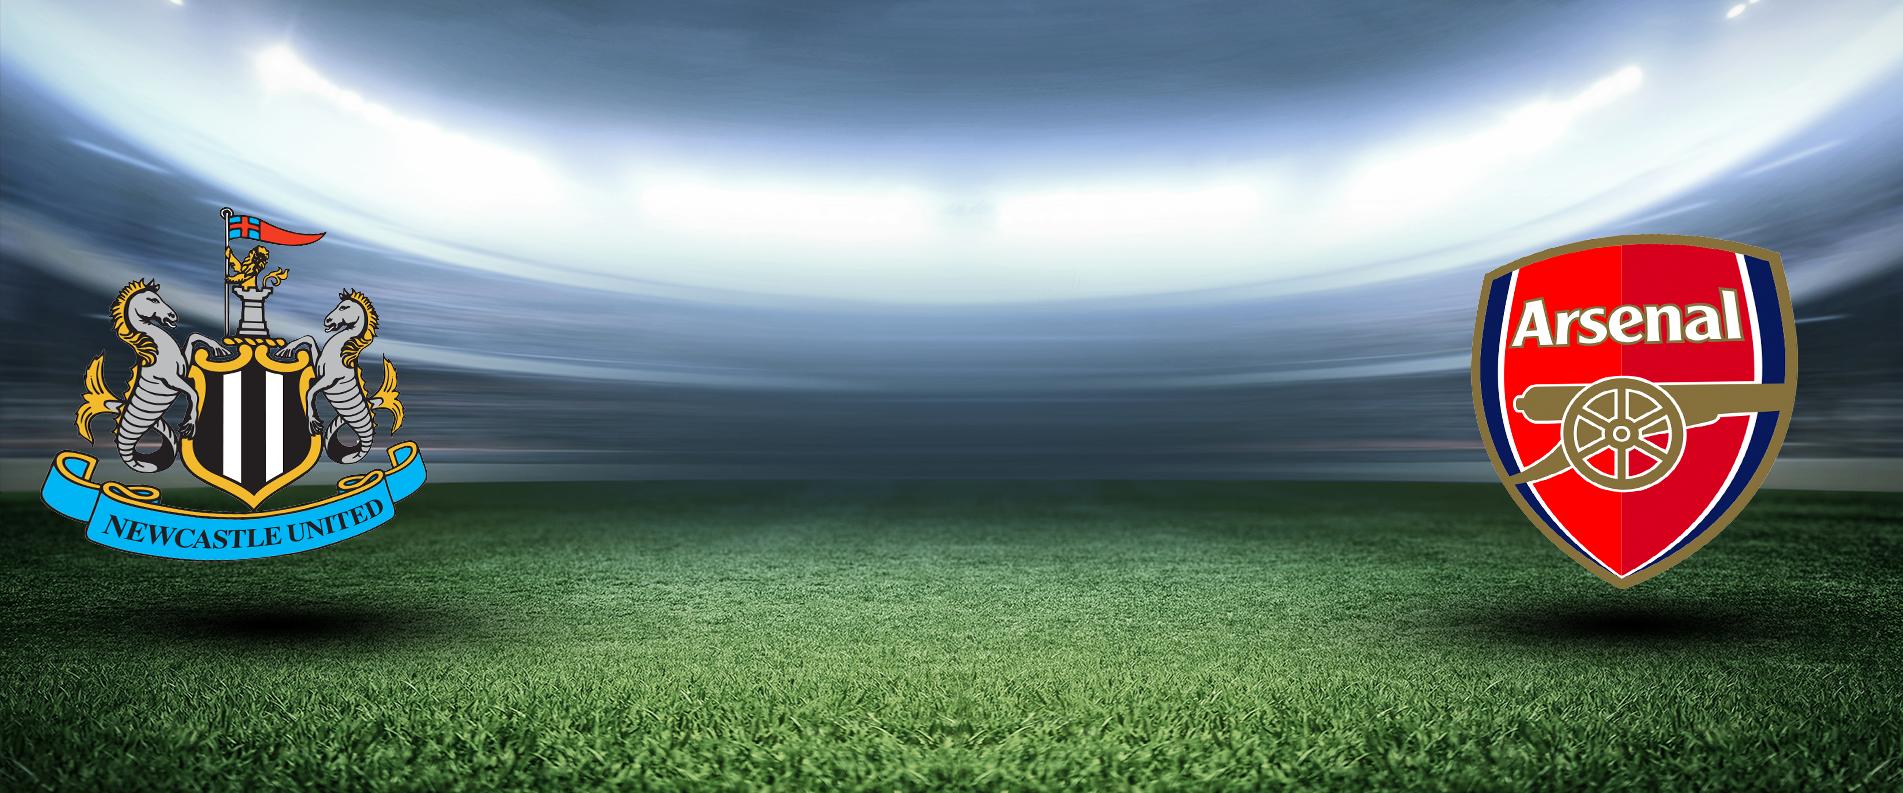 Newcastle United vs Arsenal   Nutmeg Soccer